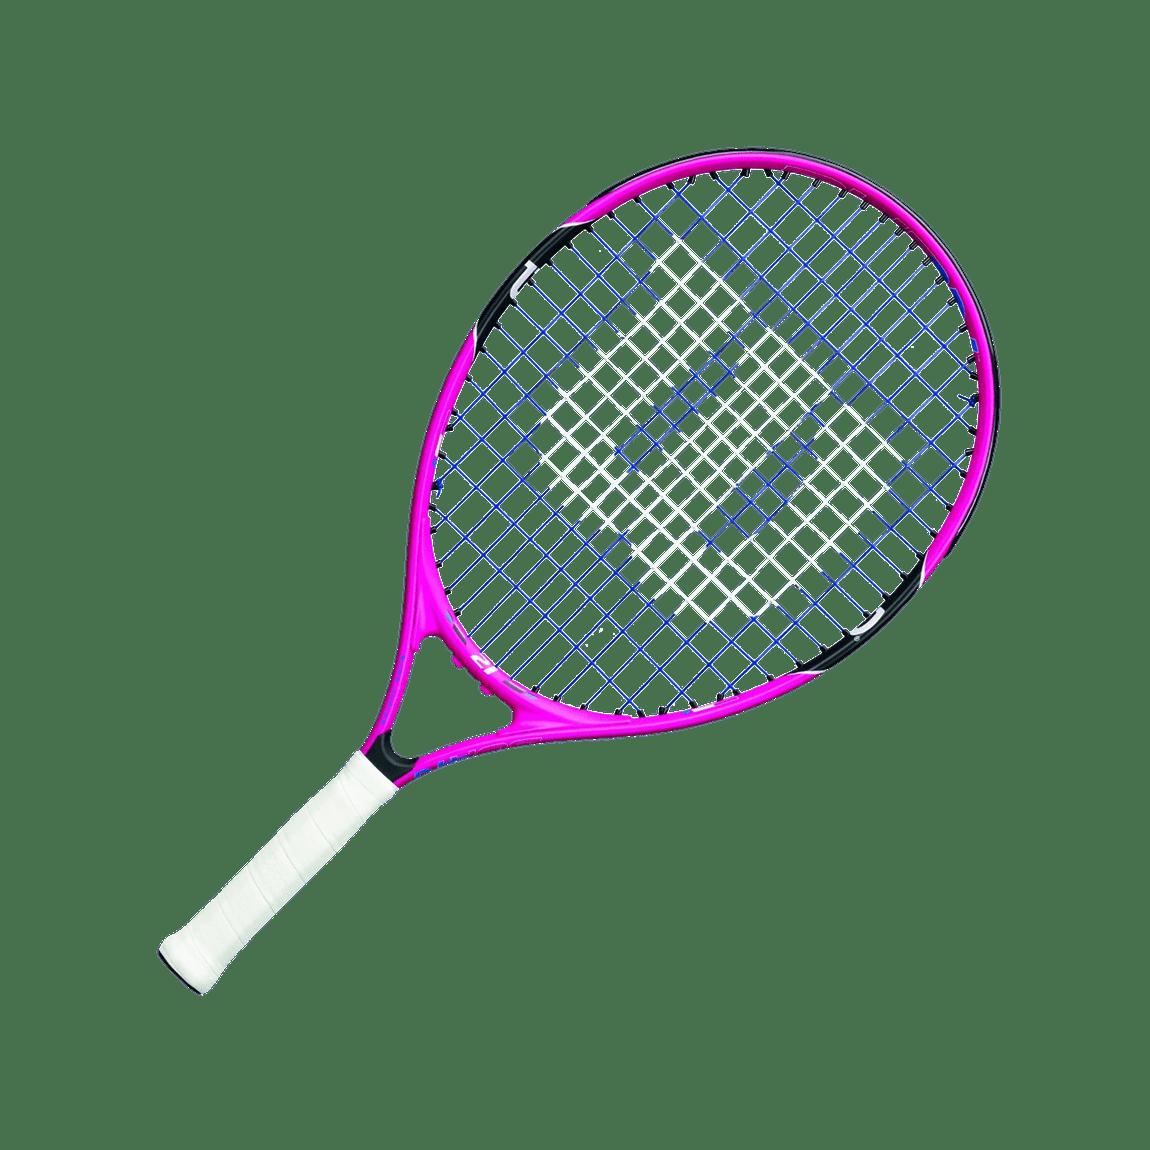 6e460cf94d5 Raqueta Wilson Tenis Burn 23 Niña - Talla  23